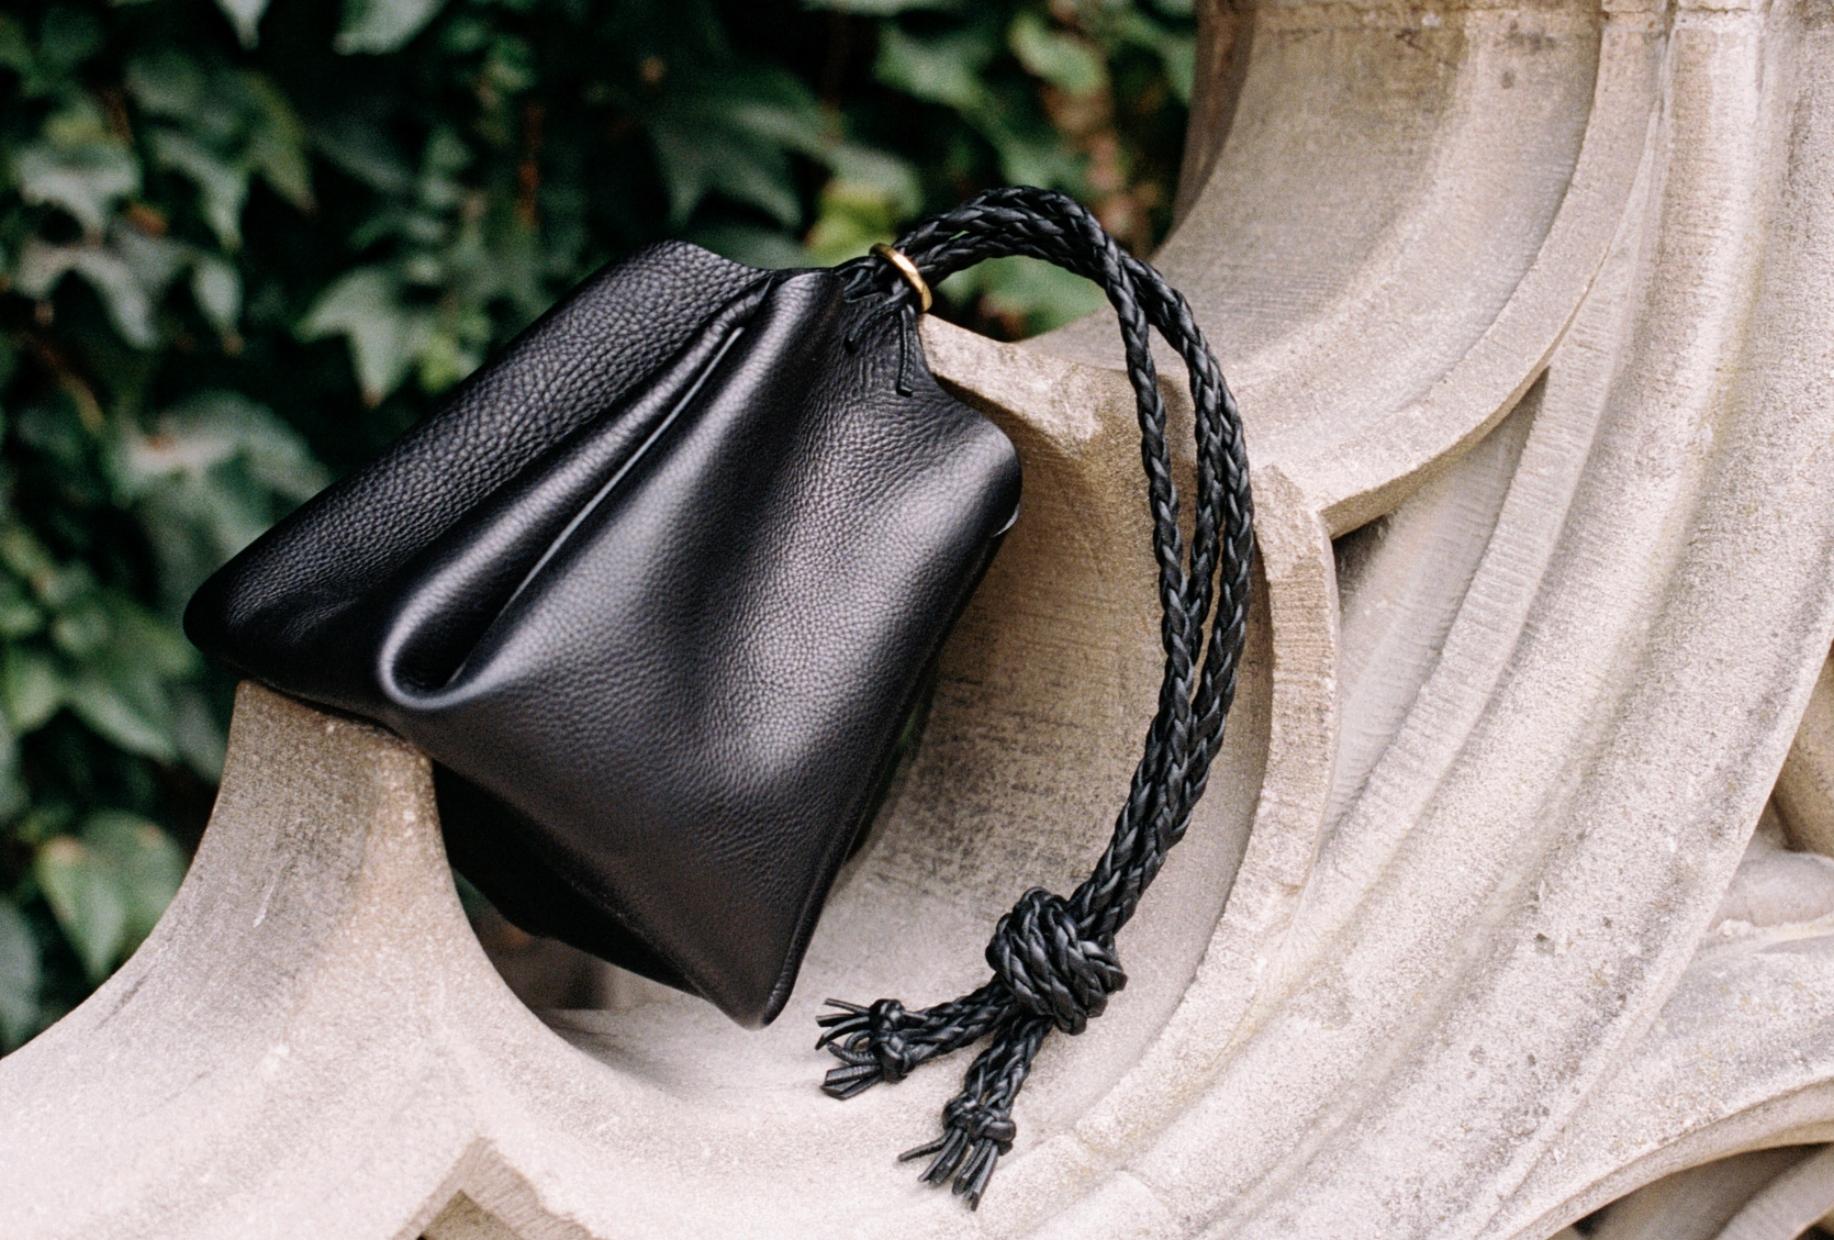 Copy of mark tallowin designer handbag